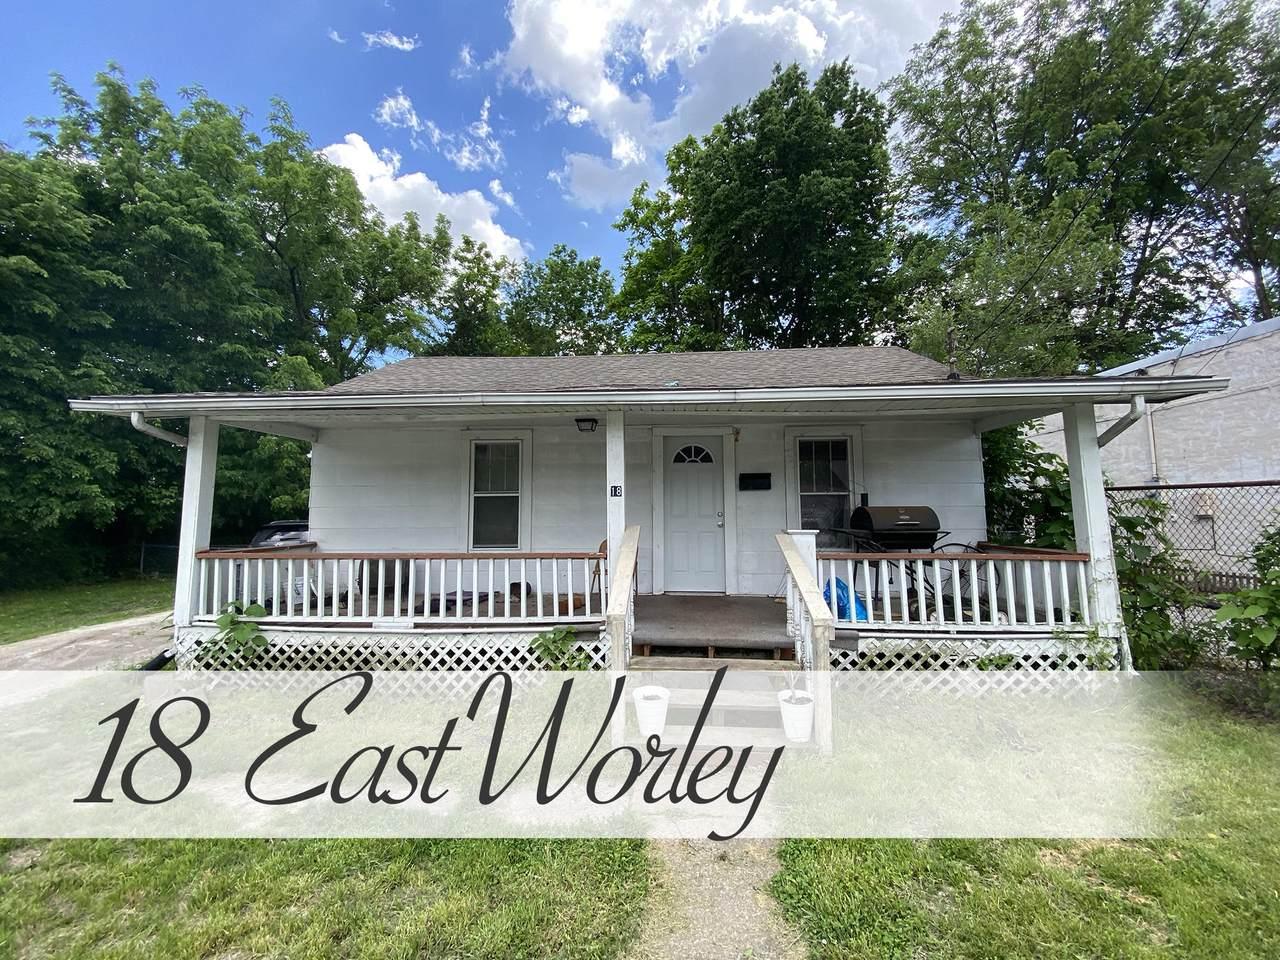 18 Worley St - Photo 1